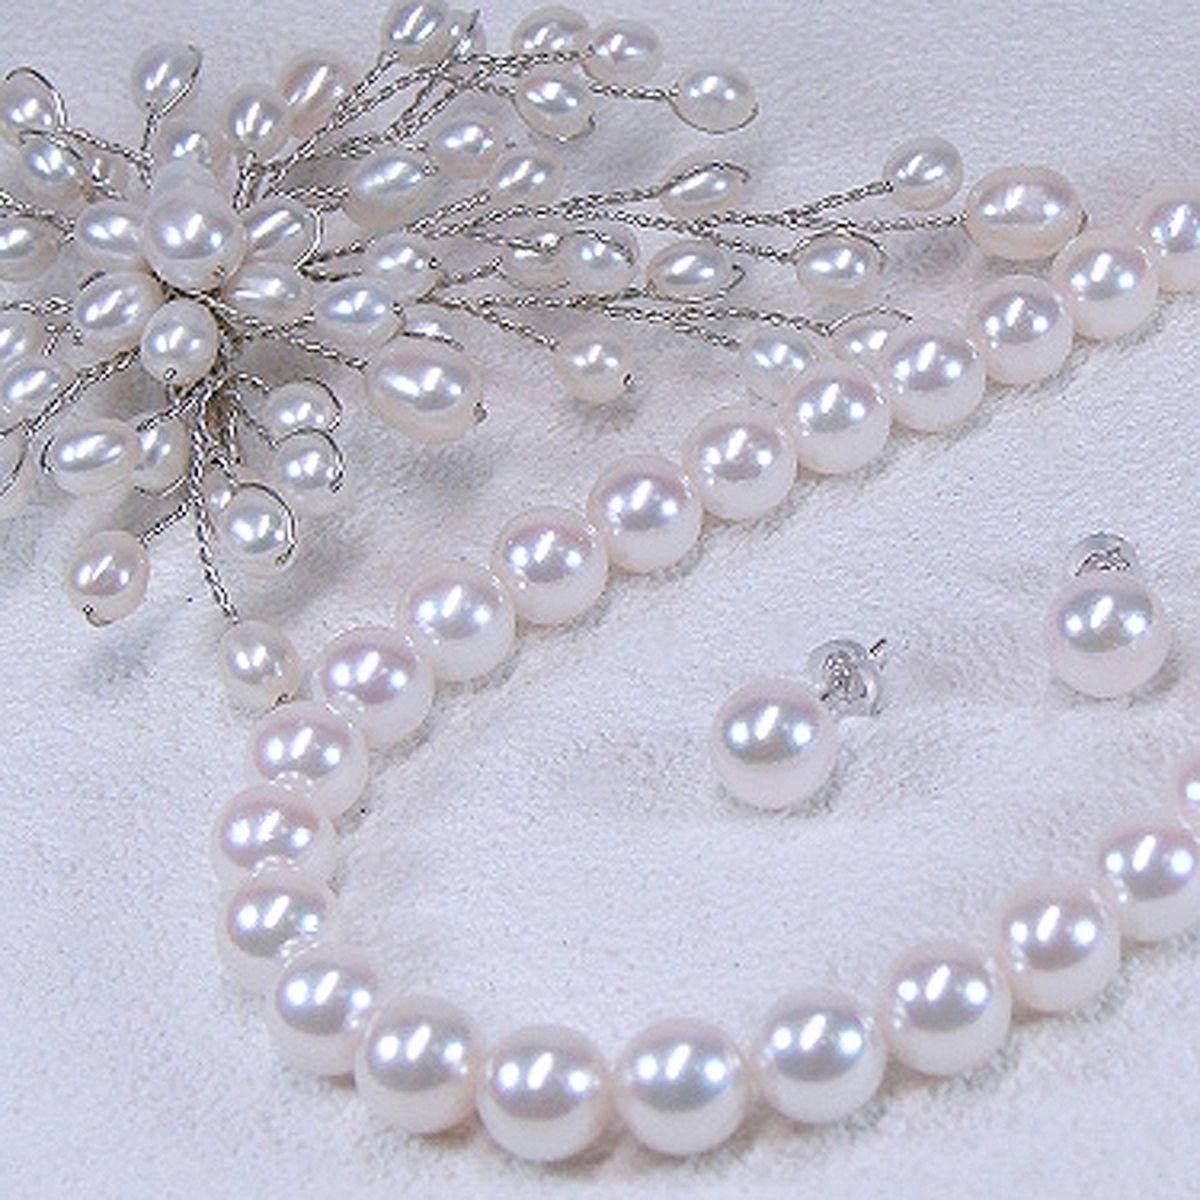 アコヤ真珠フォーマルセットの写真